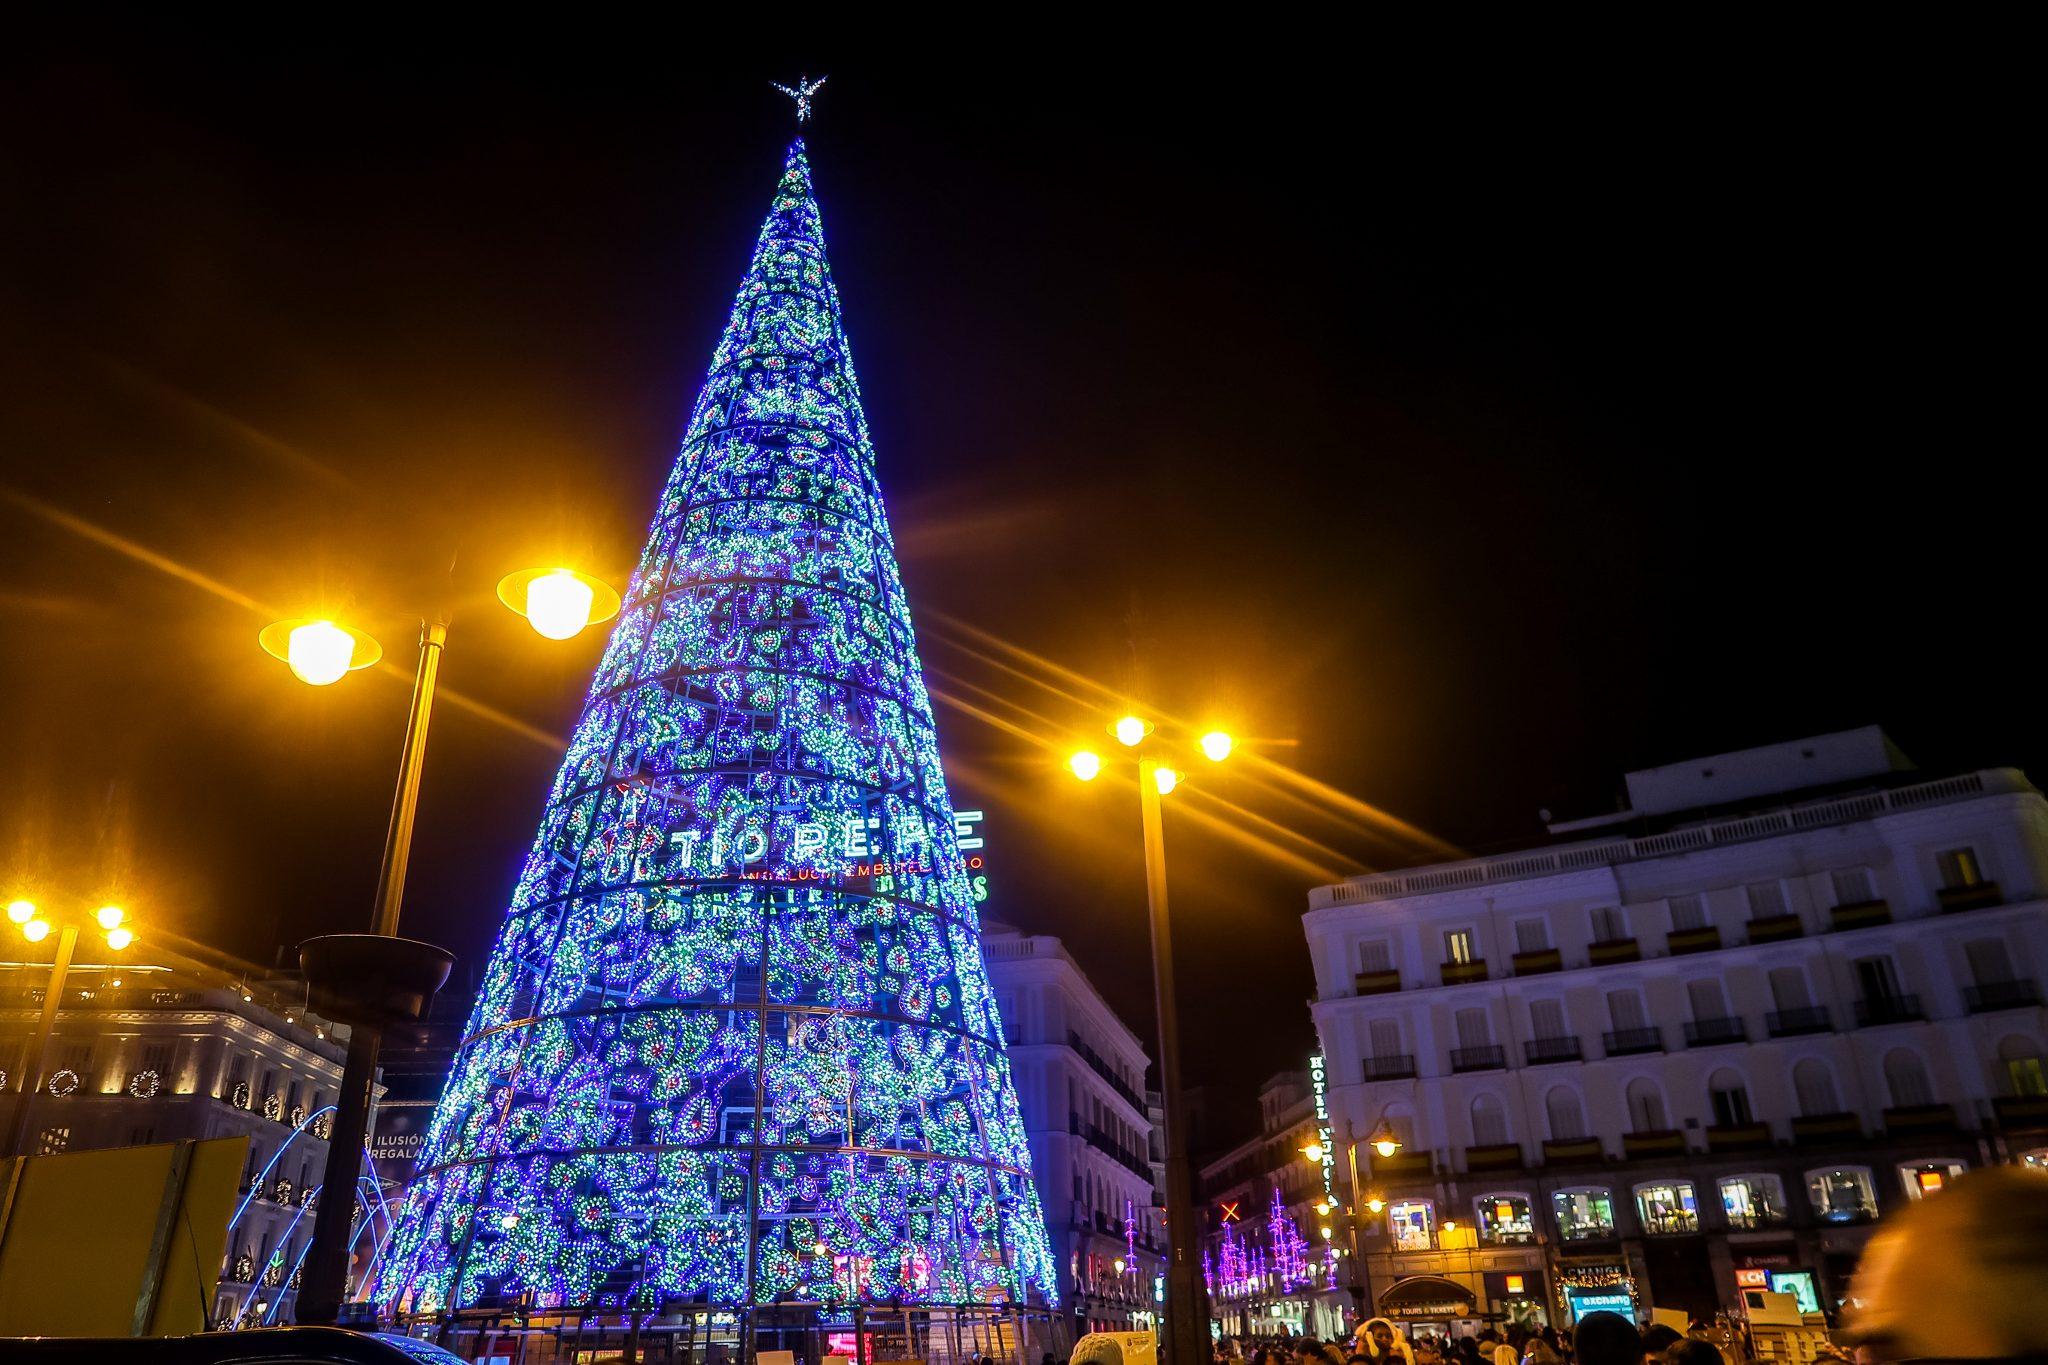 Ich schätze den Weihnachtsbaum am Plaza del Sol in Madrid auf 10 - 15 Meter hoch... und du?